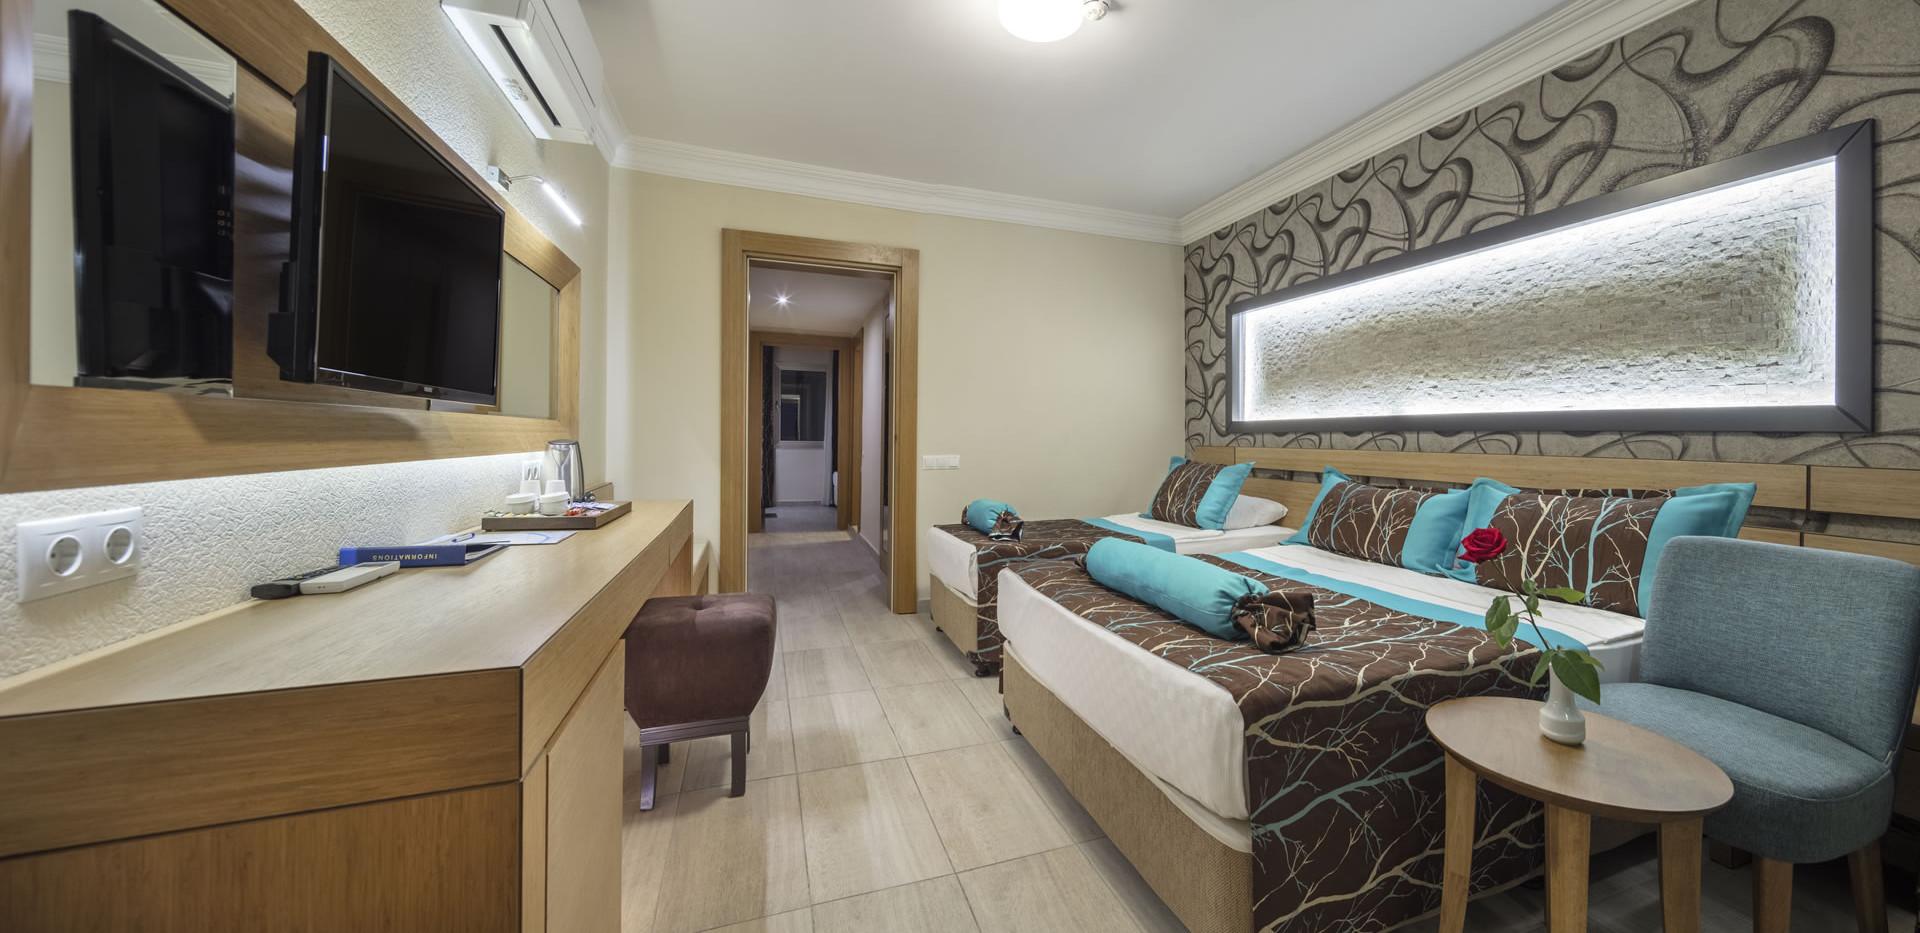 saphir-hotel-villas-odalar-900.jpg